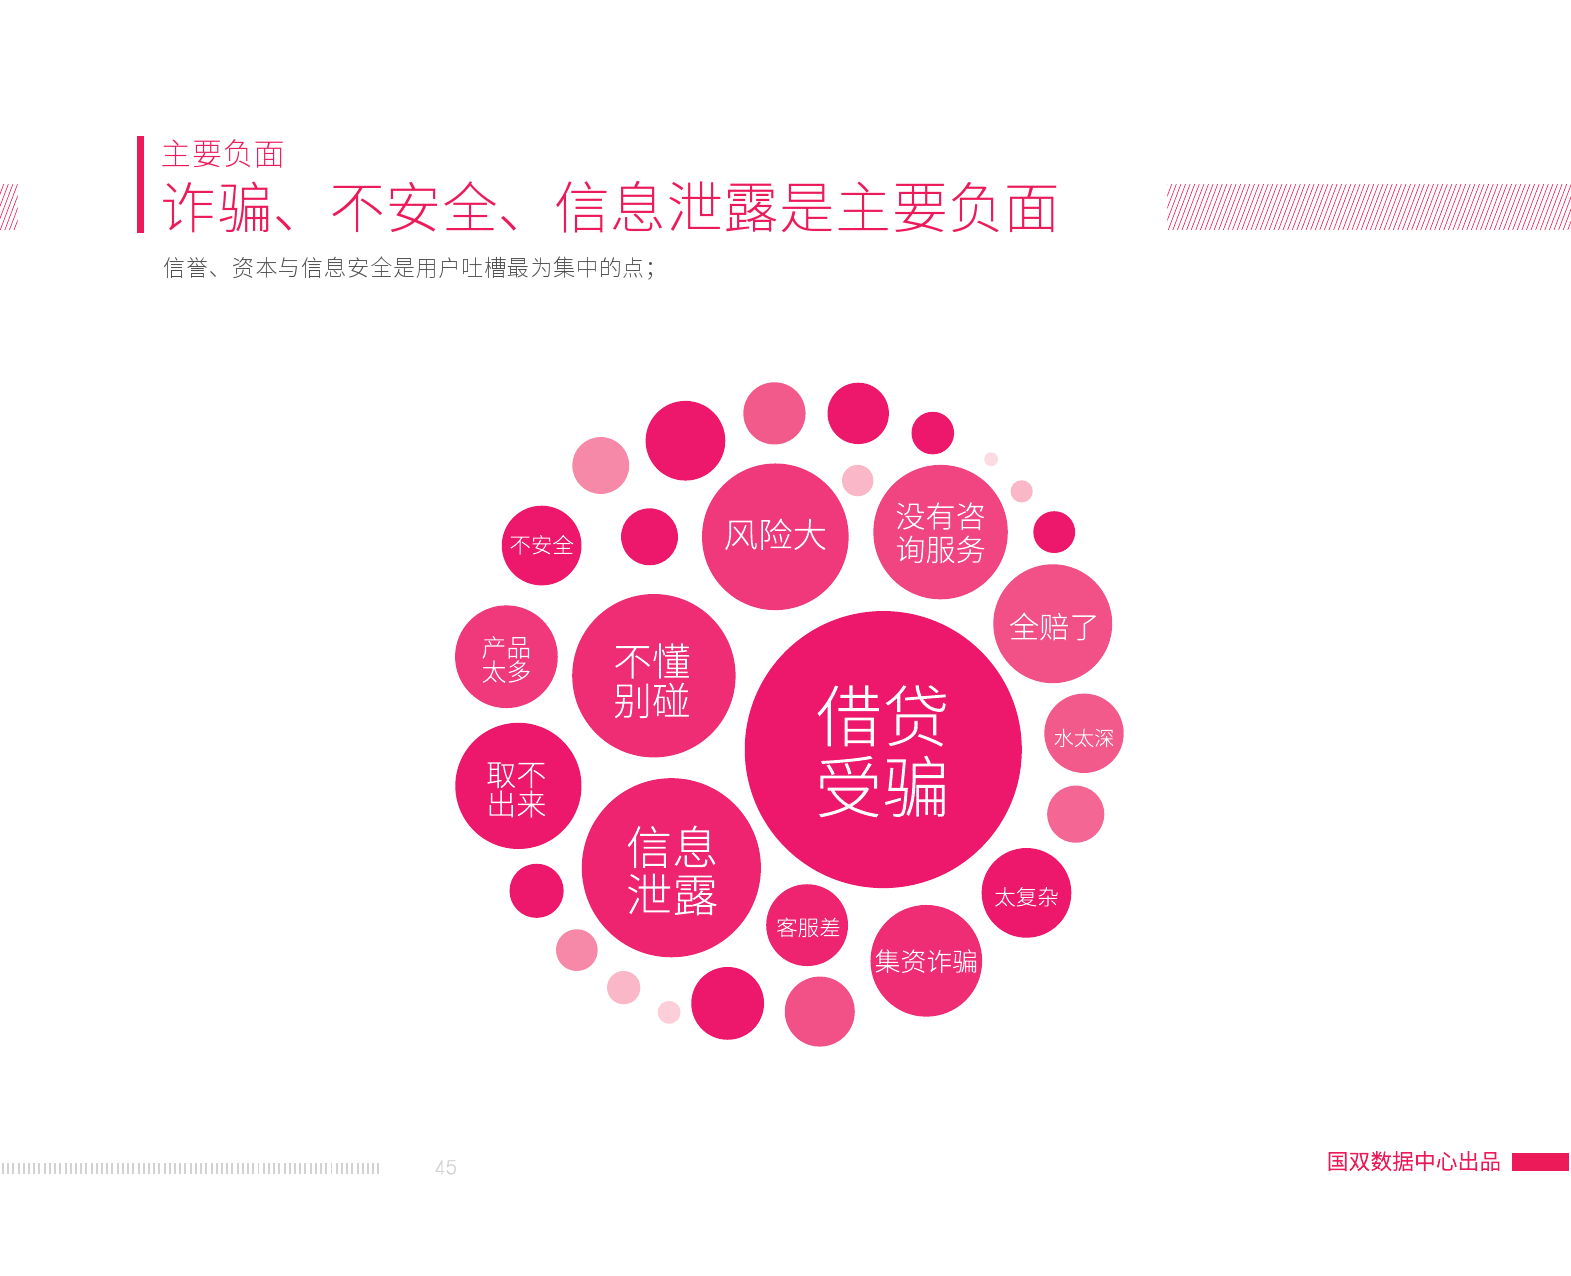 2015中国互联网发展报告_000047